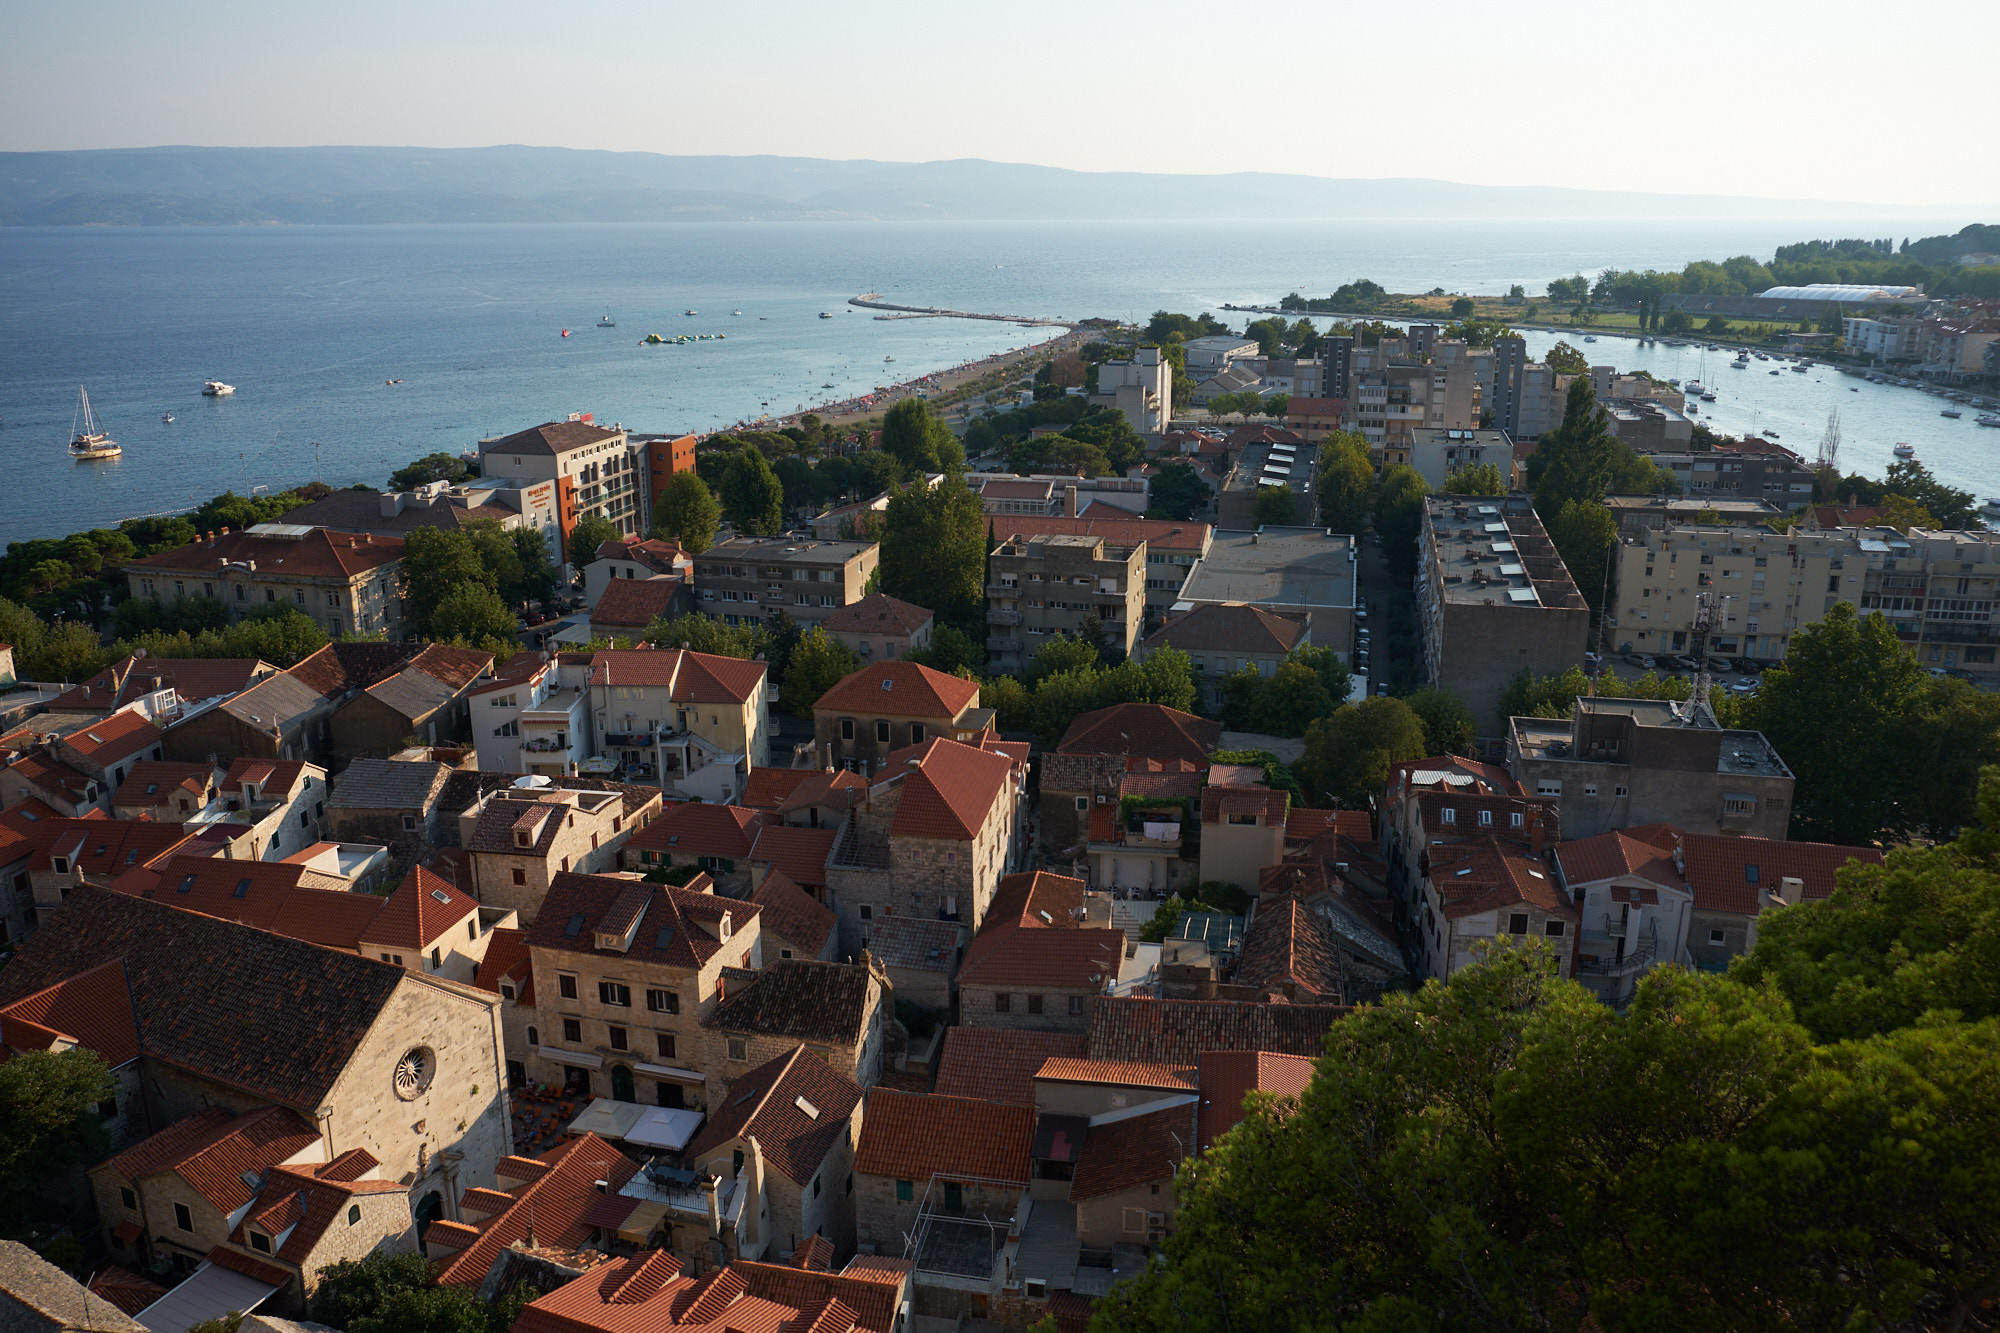 Omis Croatia Eastern Europe's Most Walkable Cities